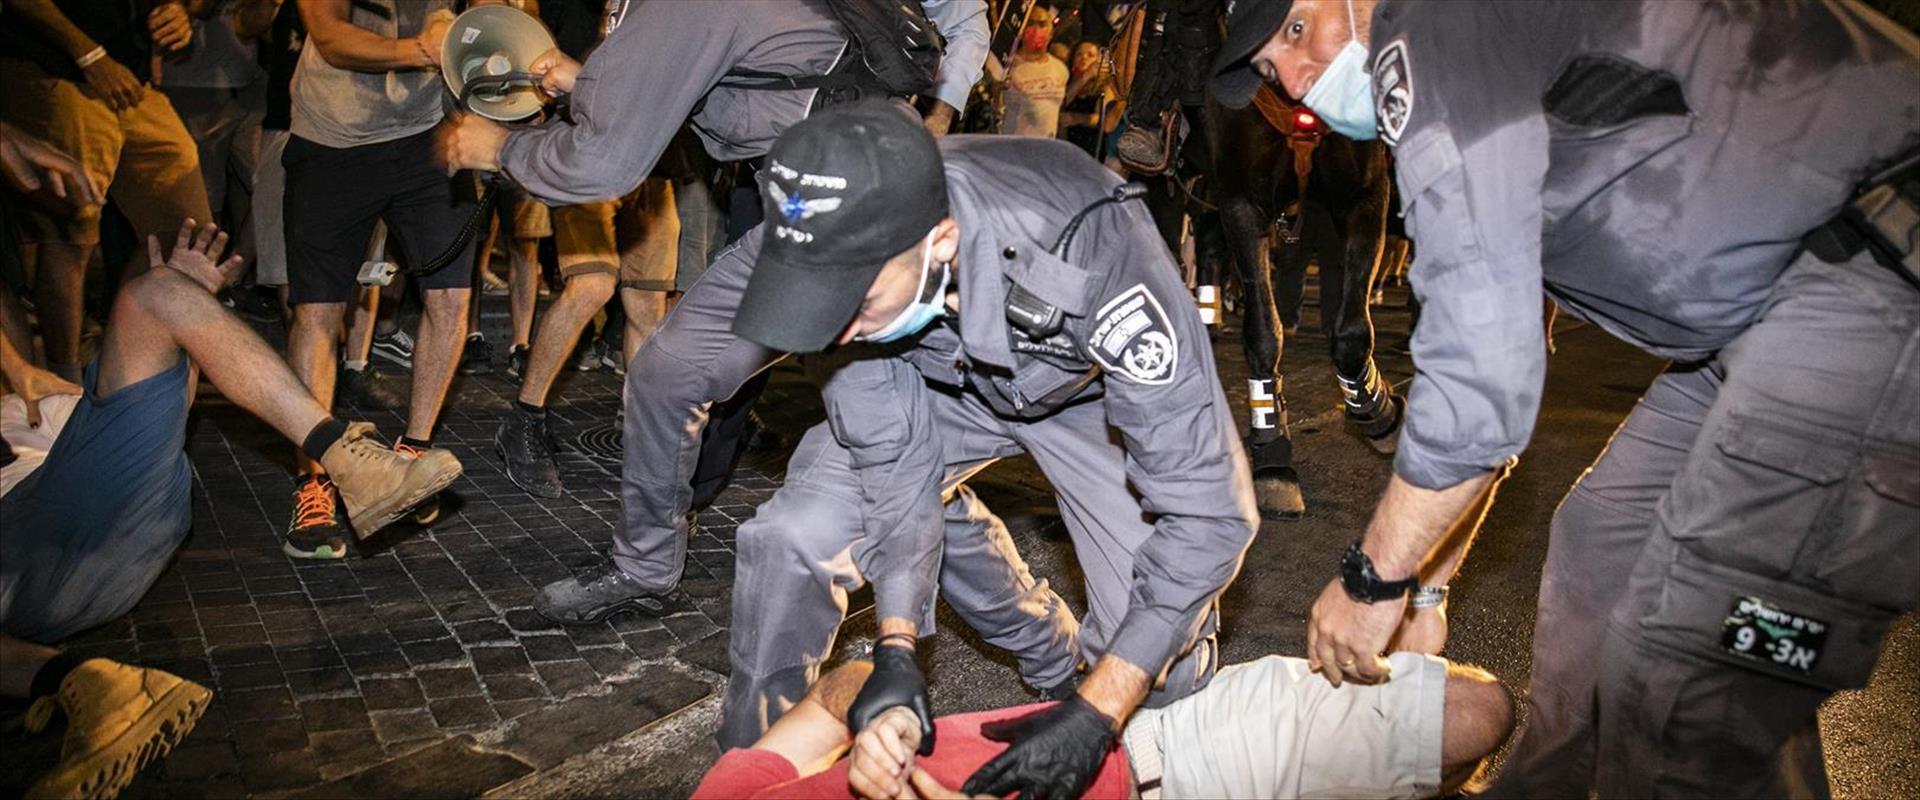 המחאה נגד ראש הממשלה בנימין נתניהו בירושלים